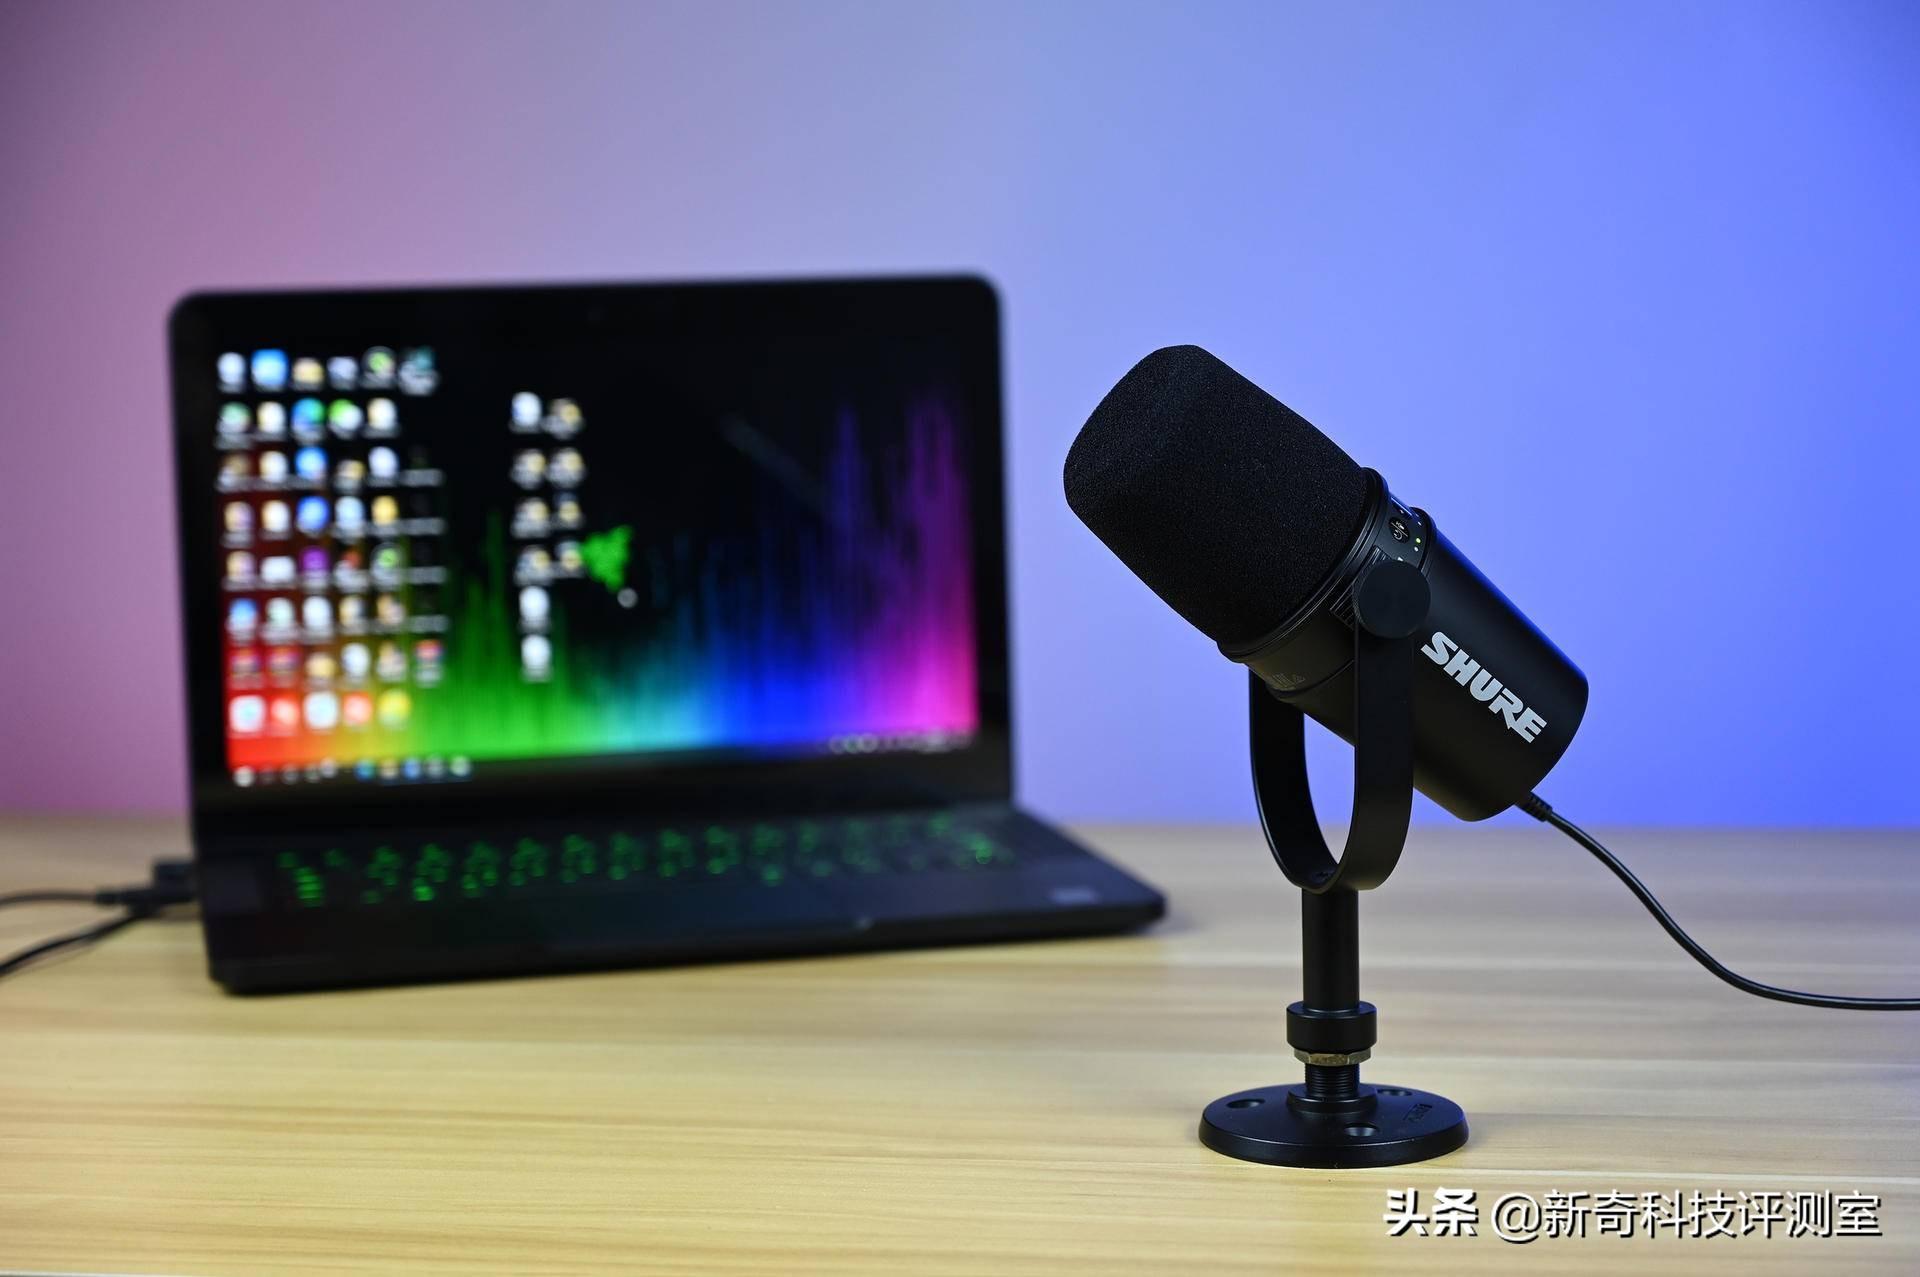 将直播与视频录制化繁为简 舒尔MV7主播话筒评测